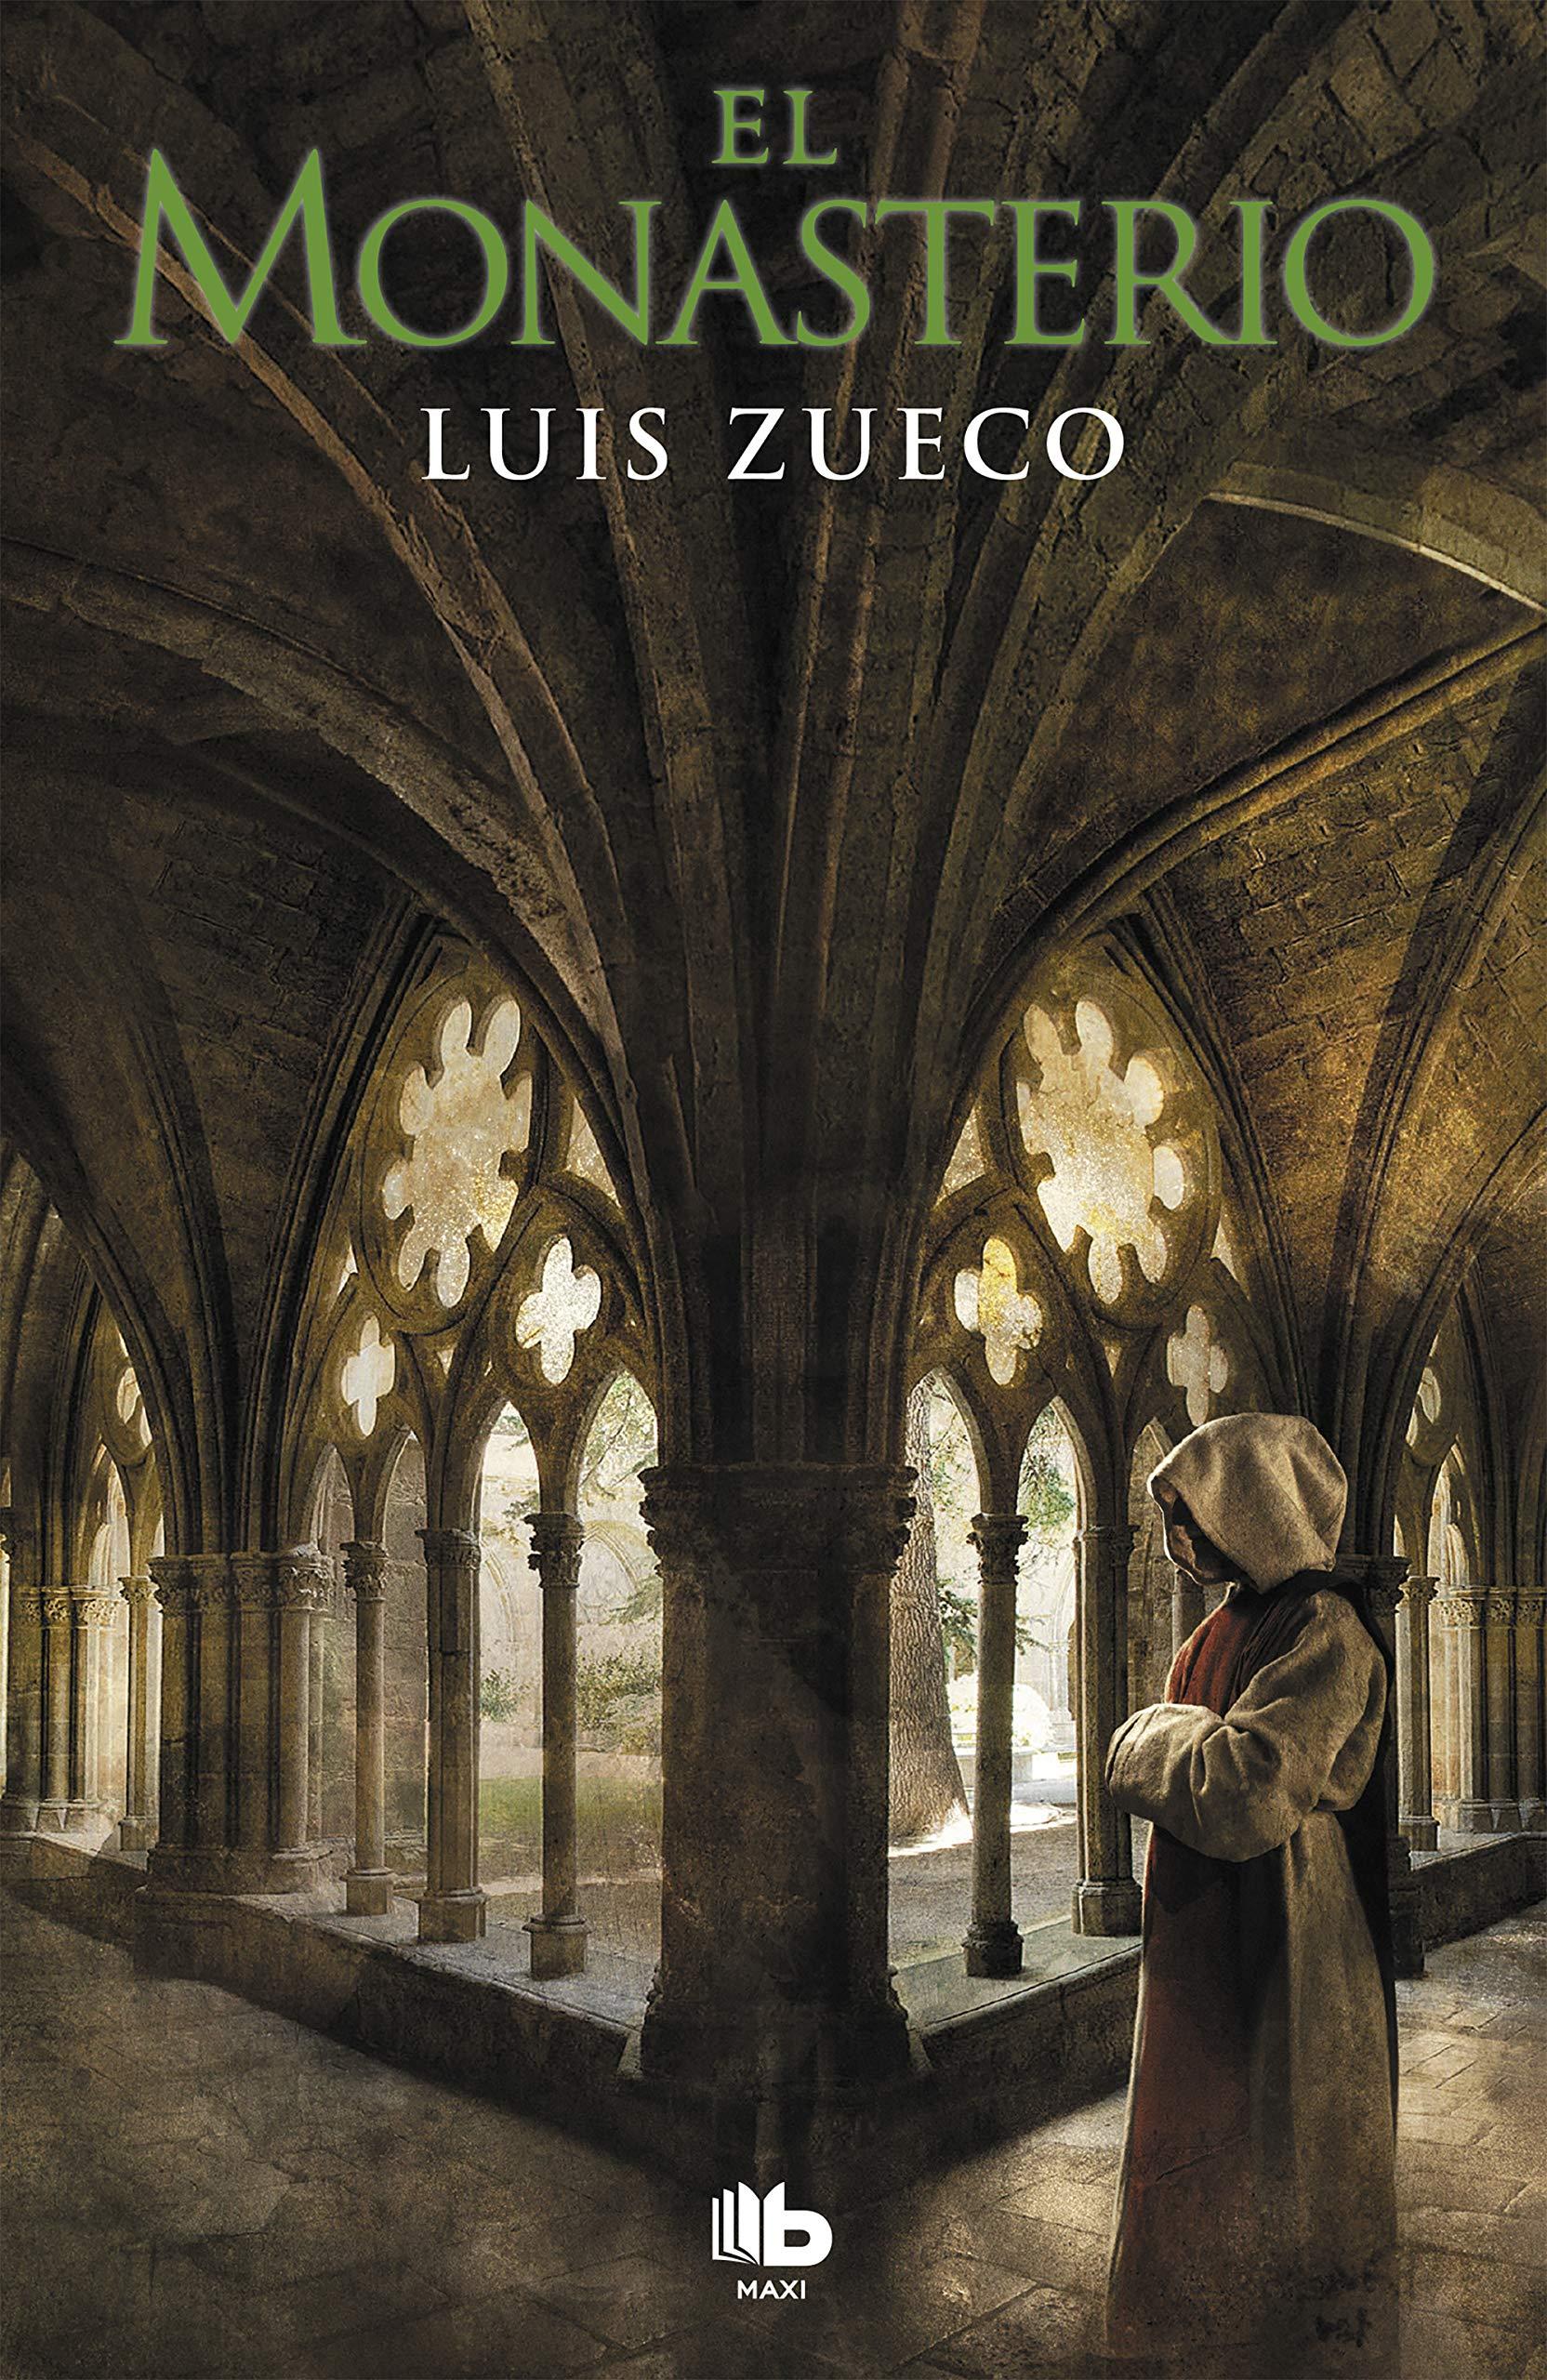 El monasterio por Luis Zueco